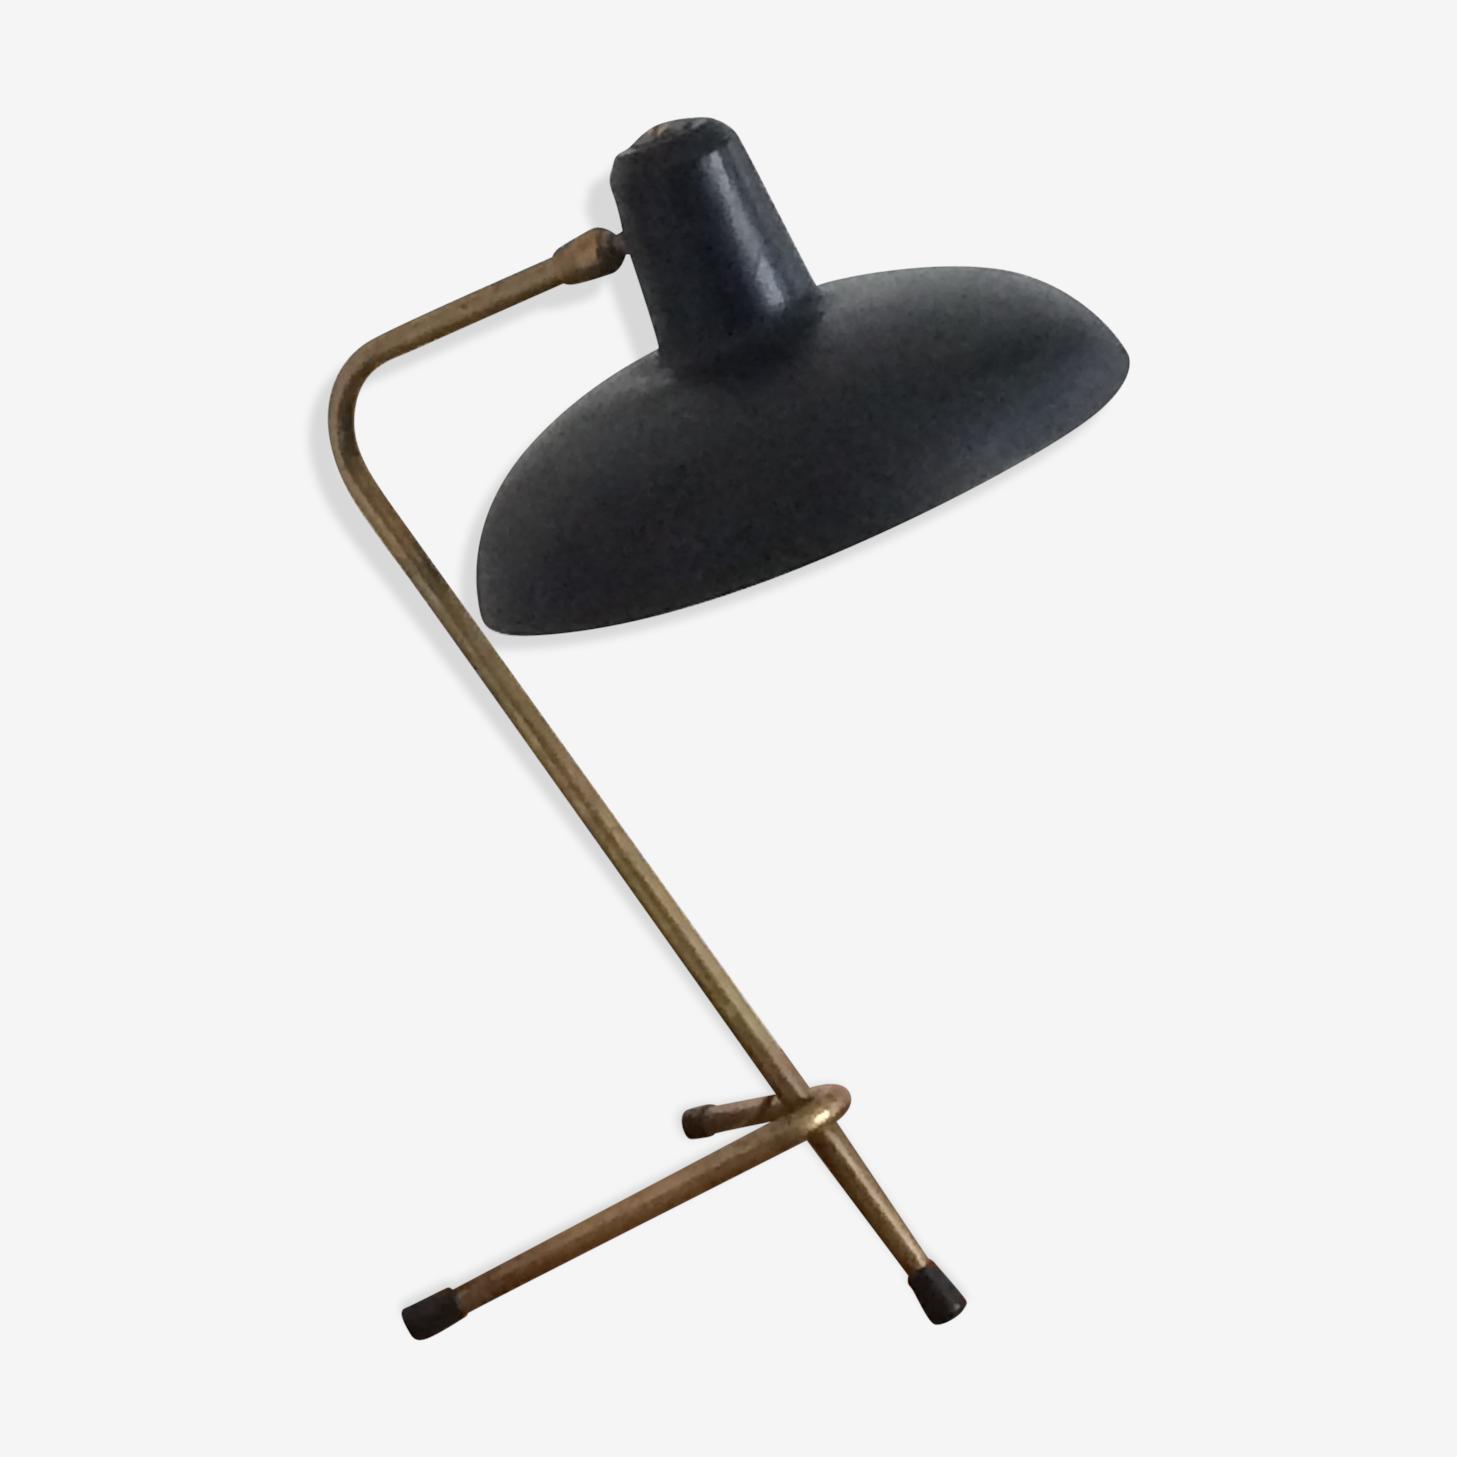 Lampe vintage tripodes des années 1950/60